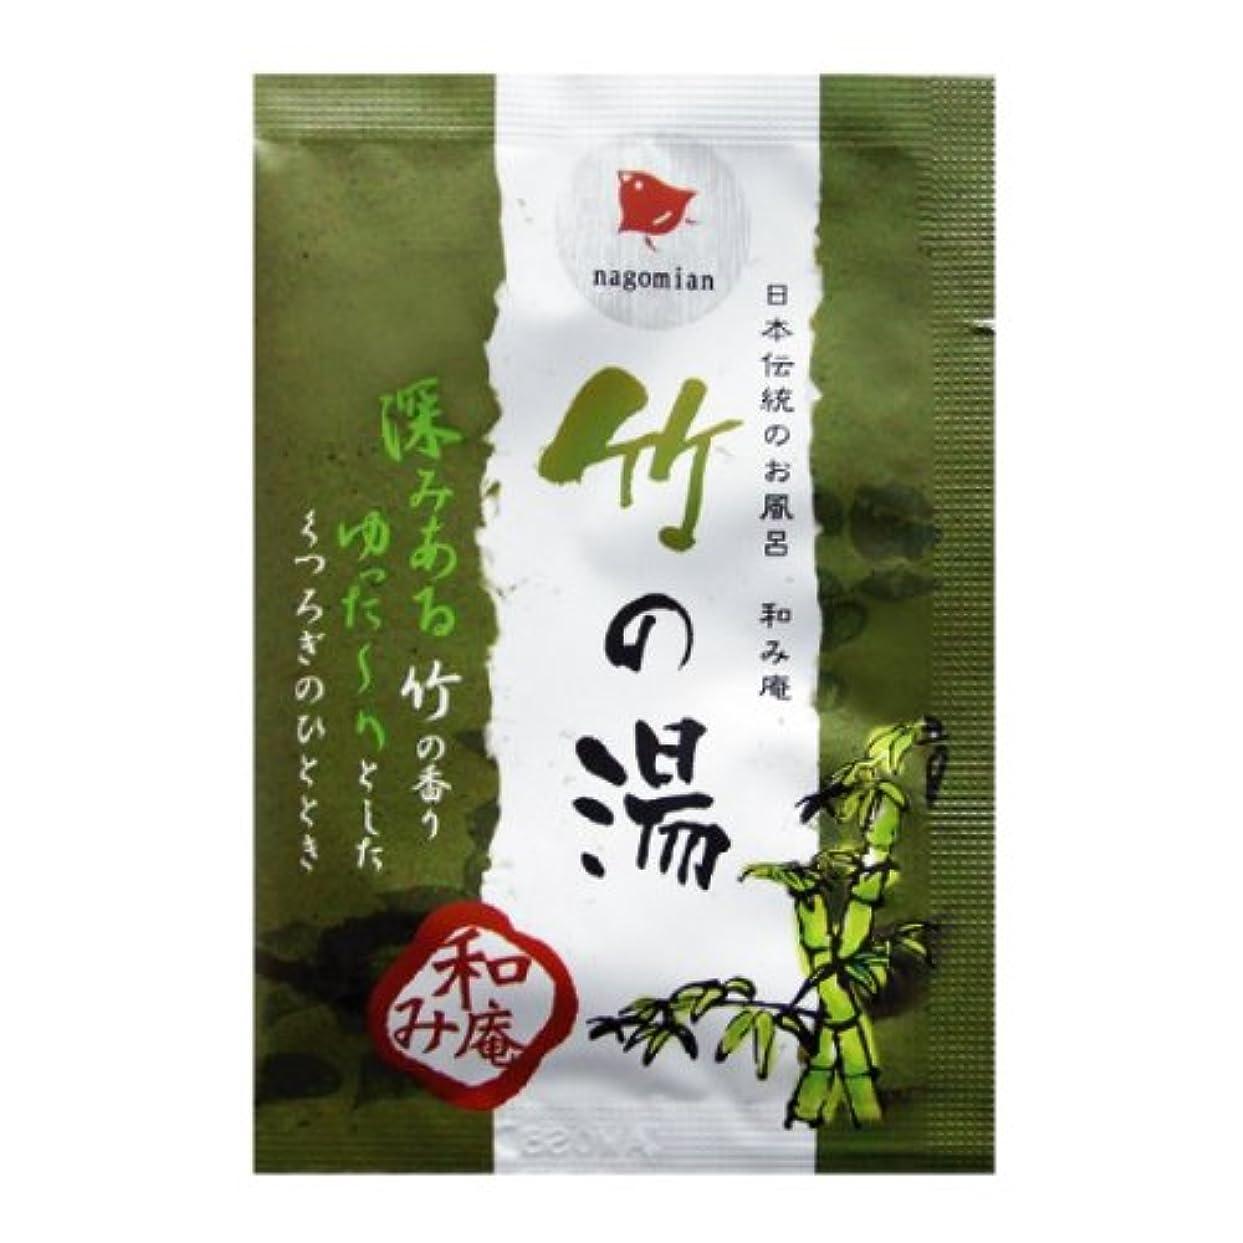 分数学階下日本伝統のお風呂 和み庵 竹の湯 200包